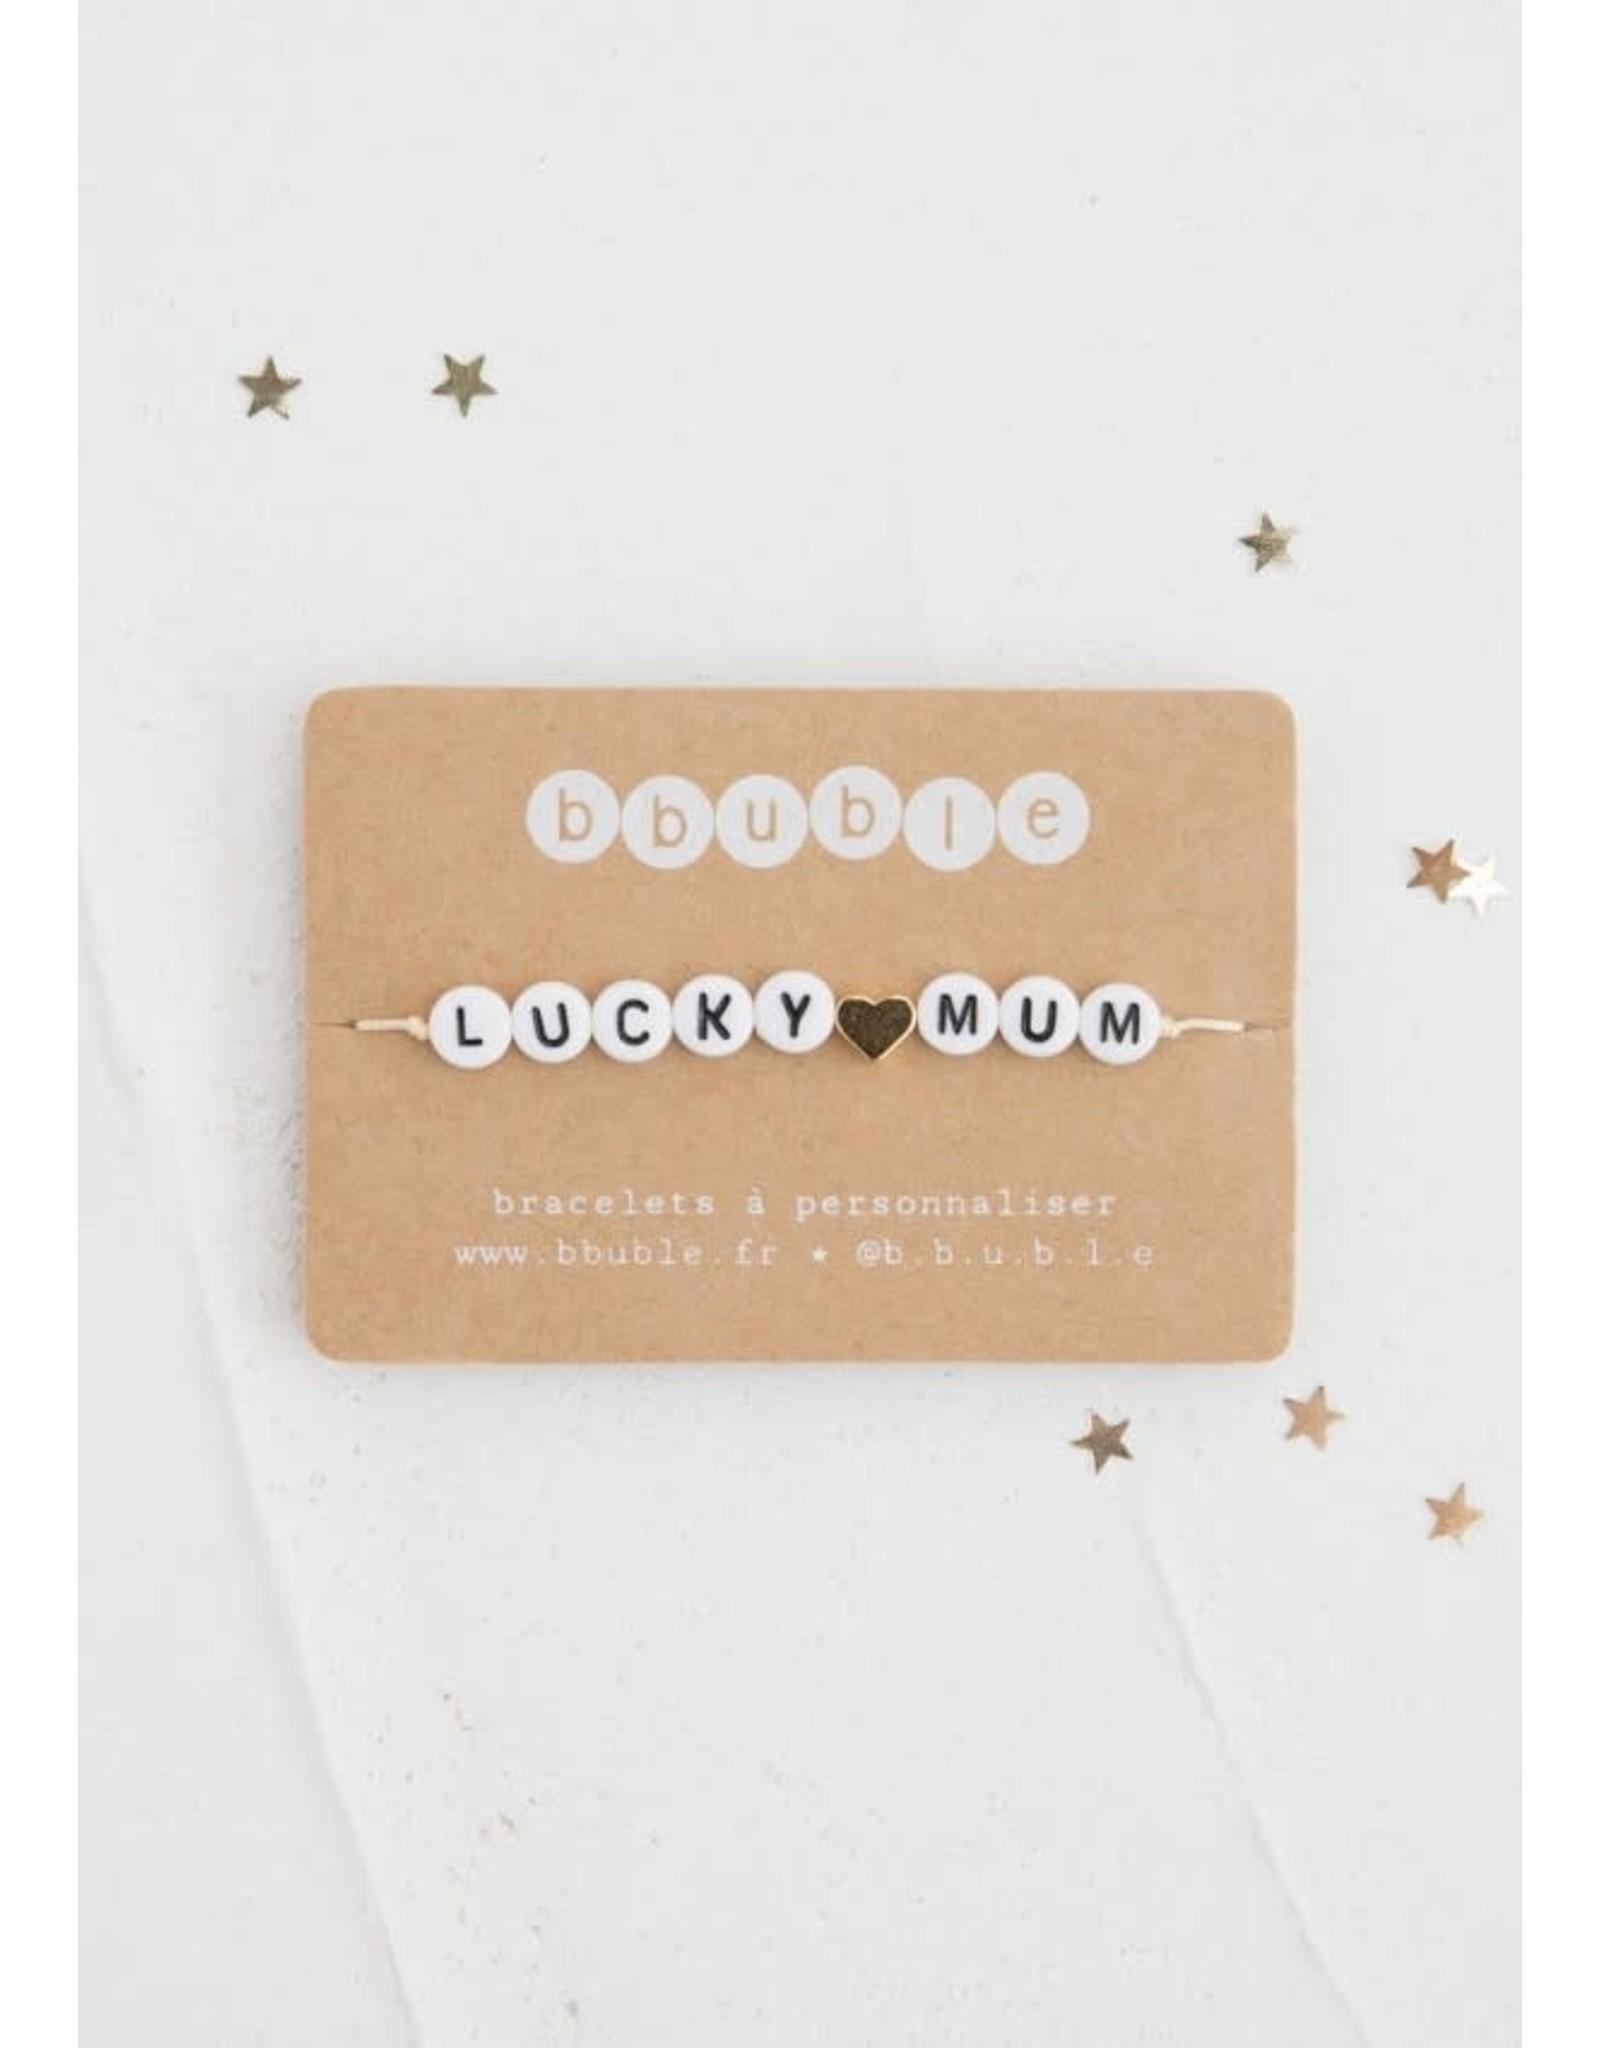 Bbubble Bracelet / blanc / Lucky (cœur) Mum